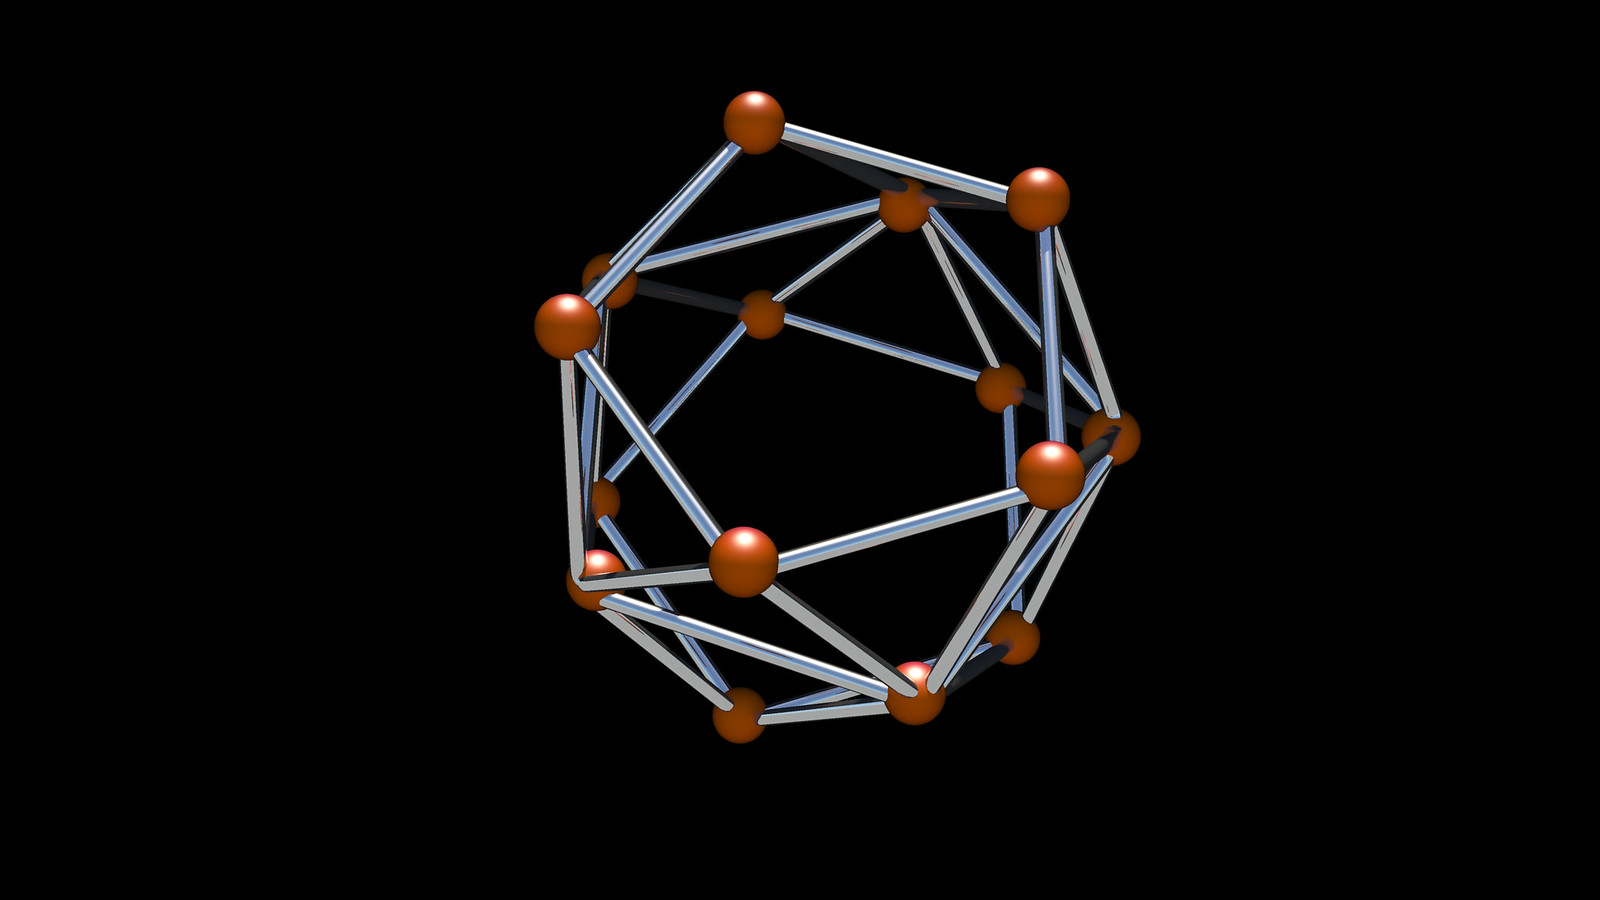 pentagono_drum_65